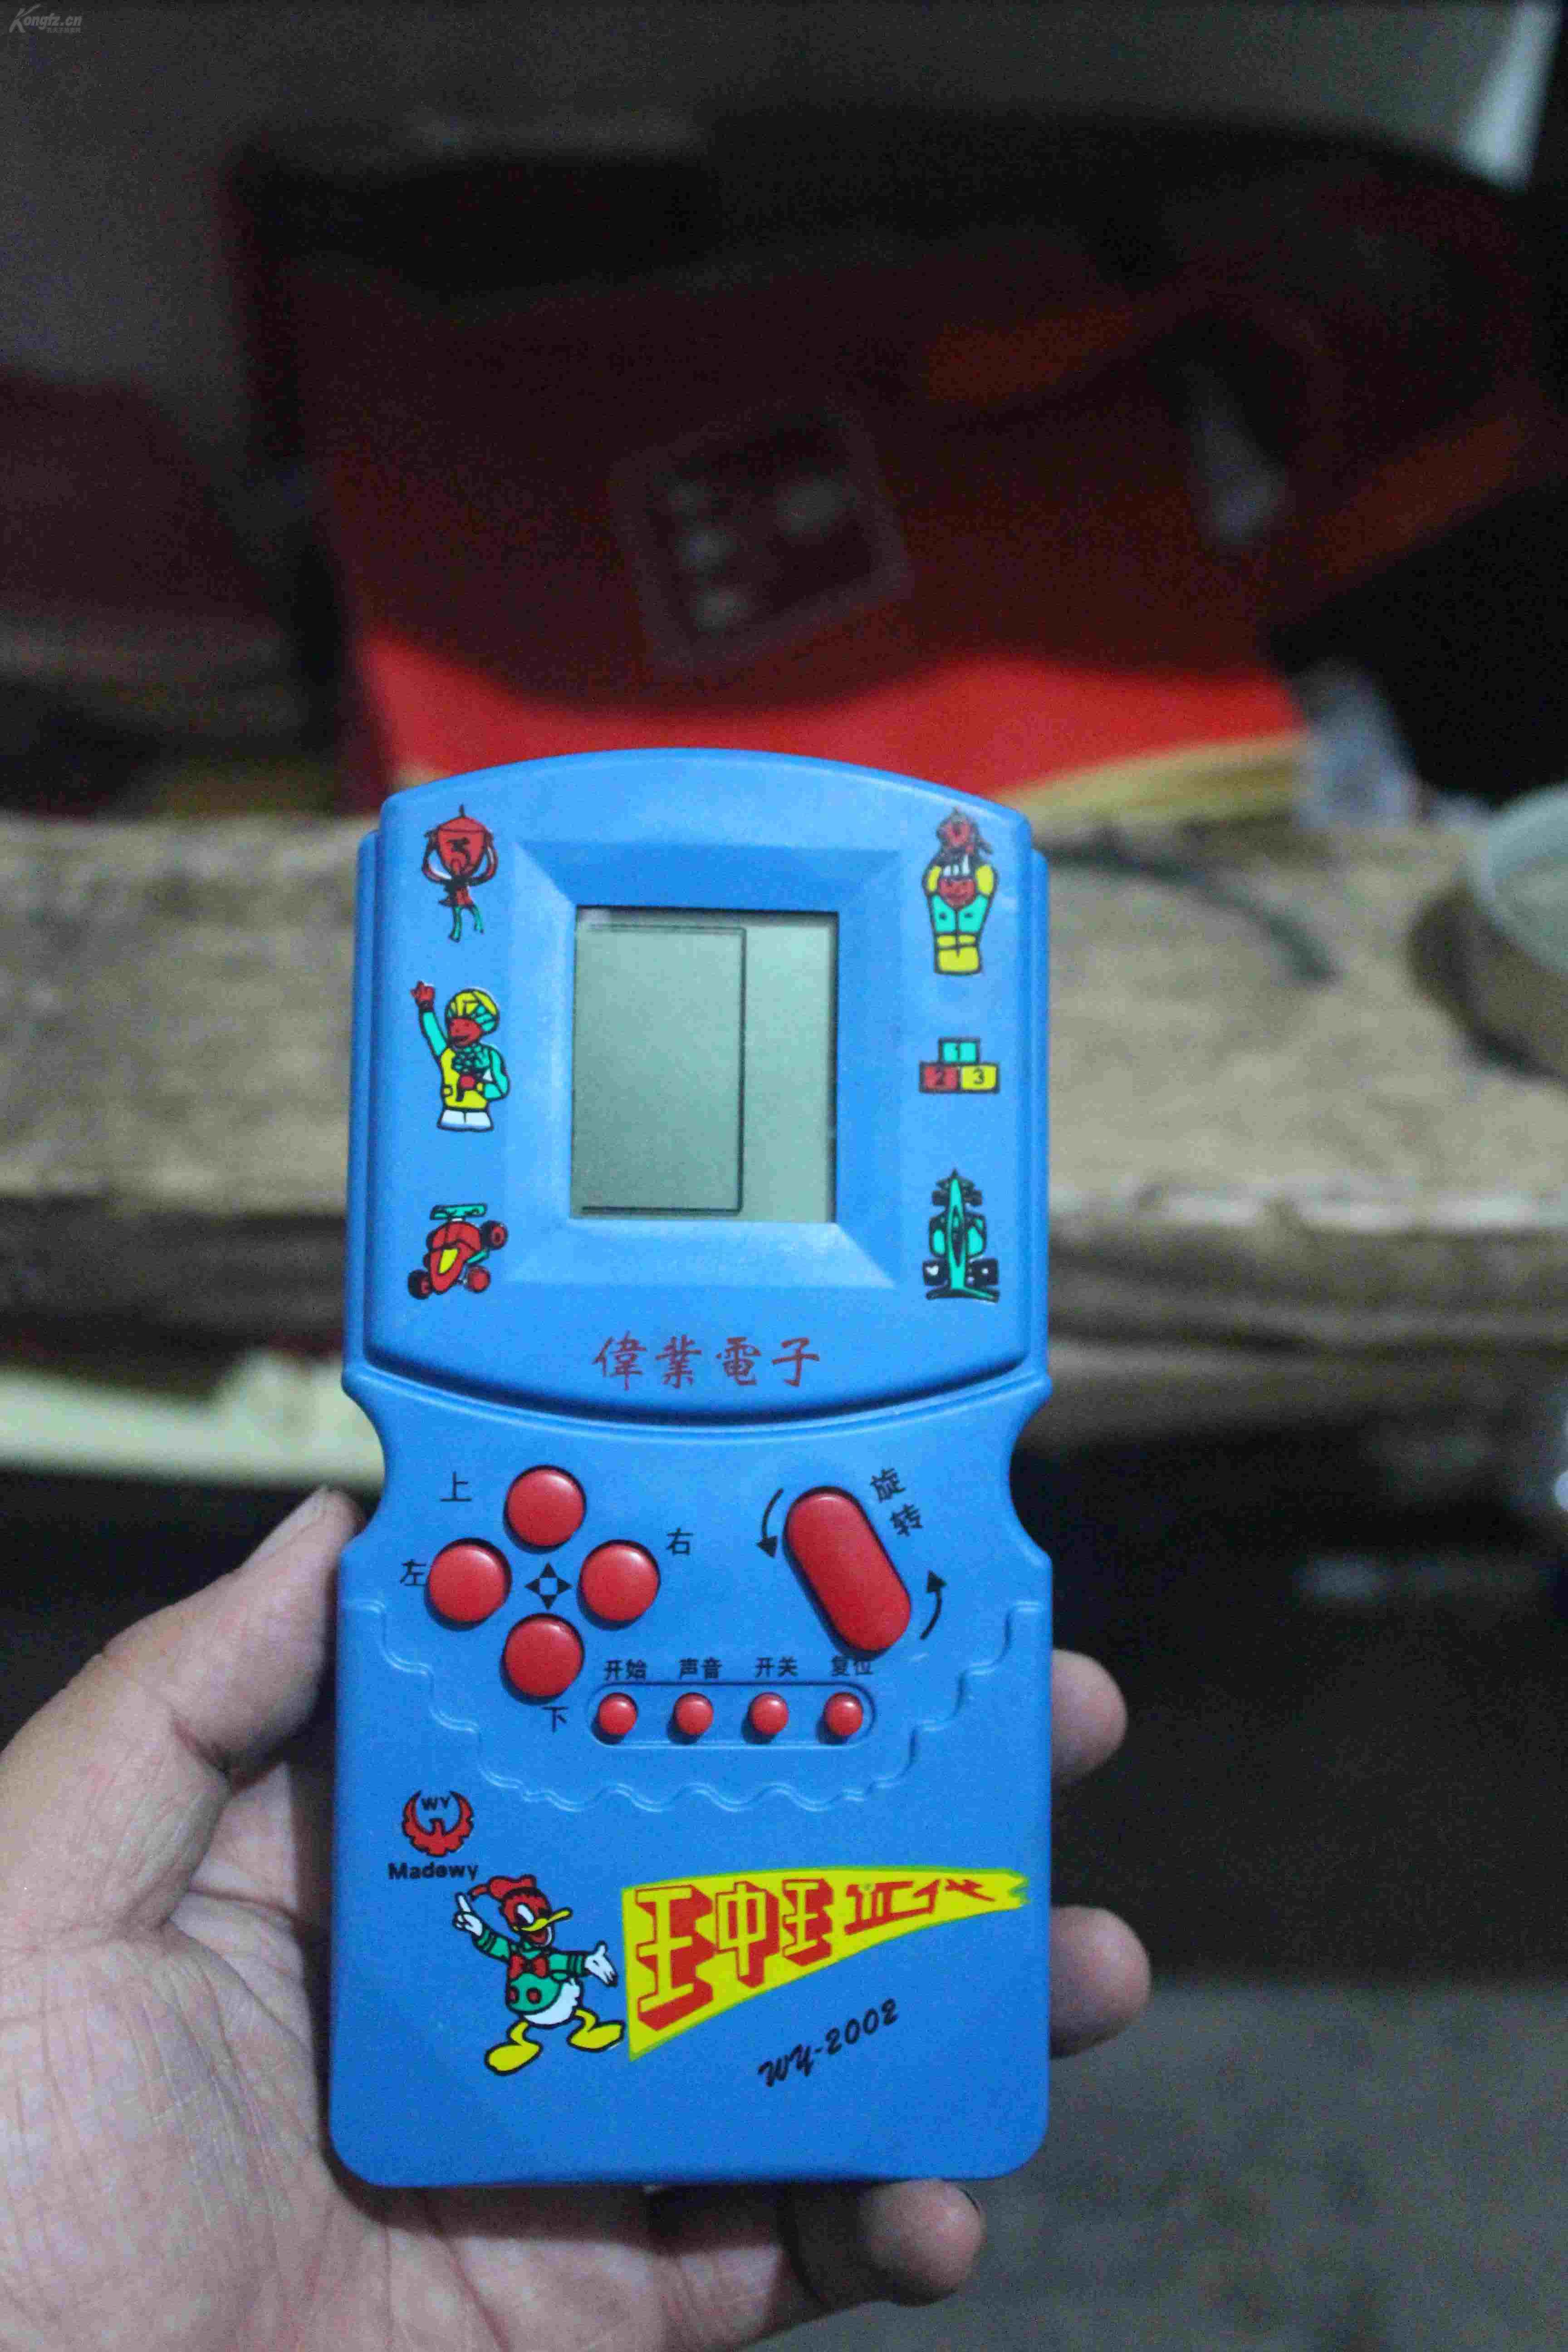 稀见品,现在很少能见到,80后的回忆——手柄游戏机.